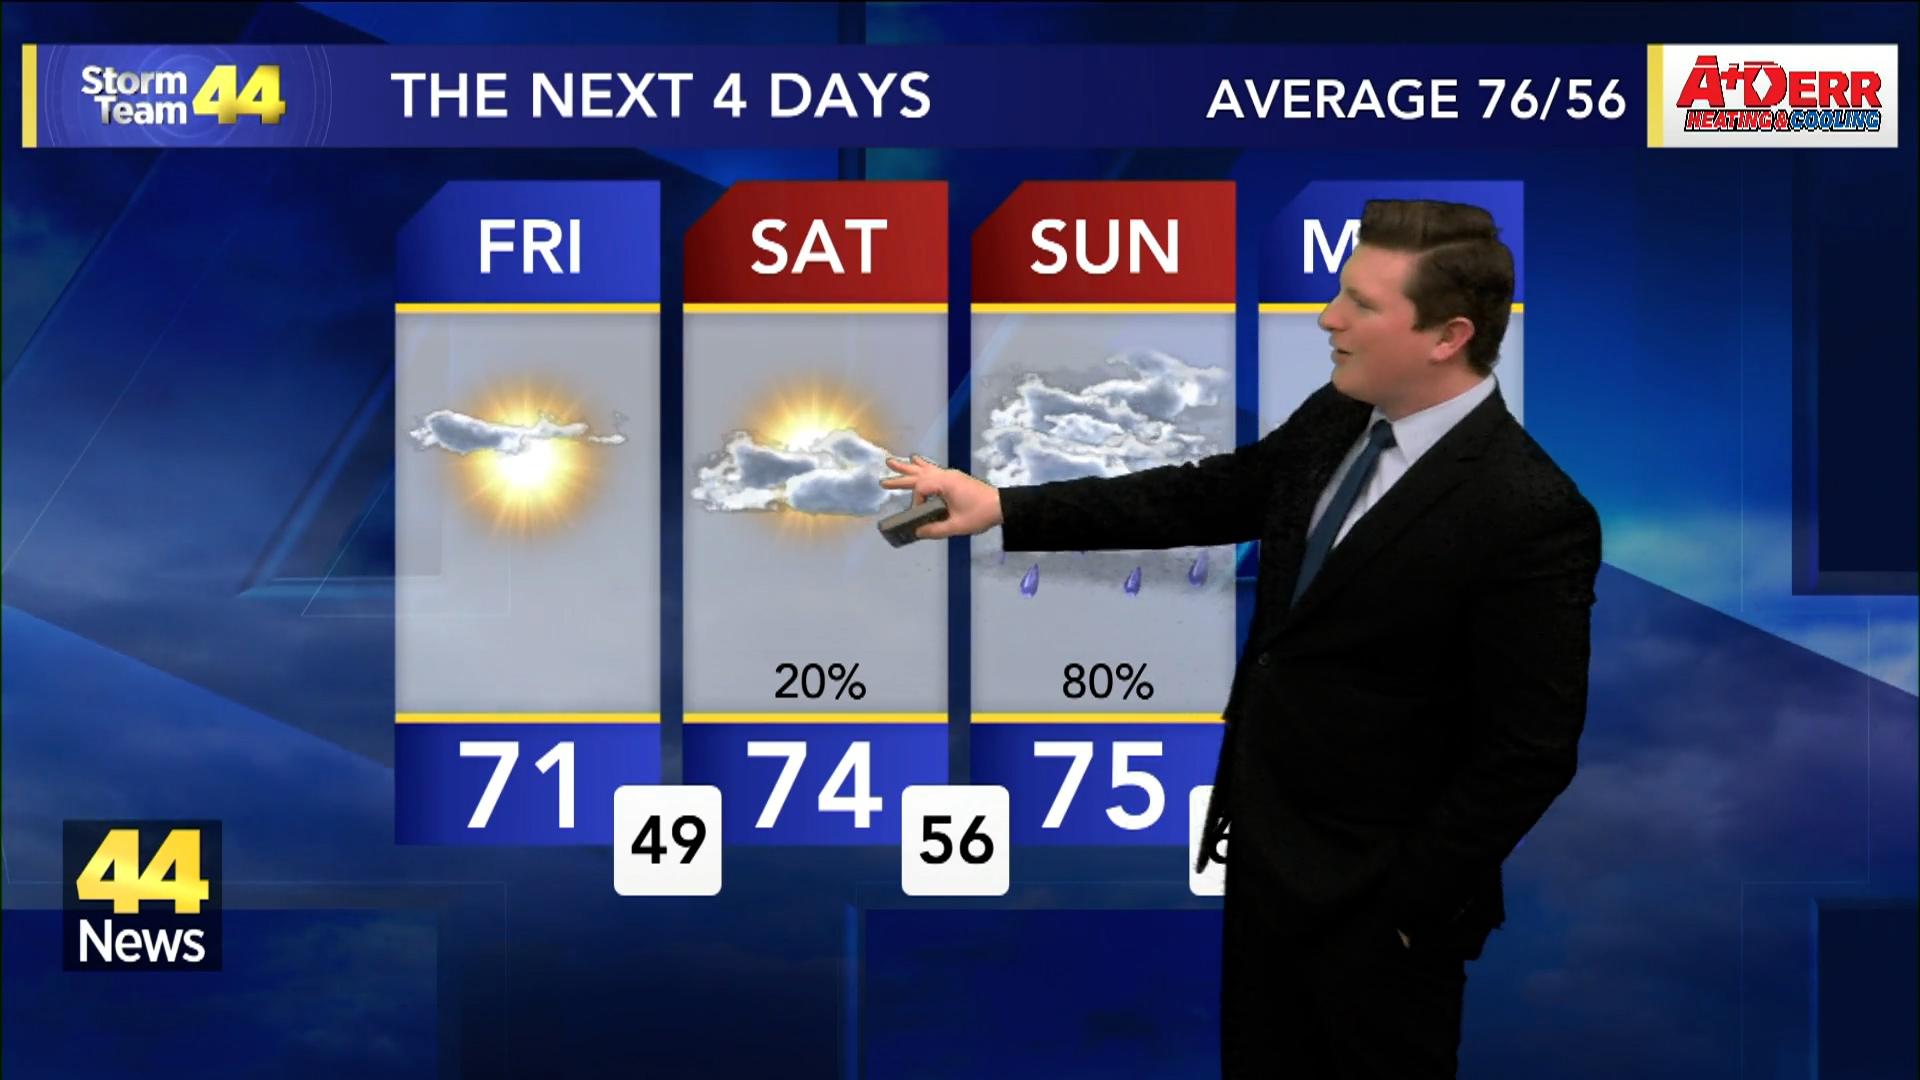 Image for Storm Team 44 Thursday Evening Forecast